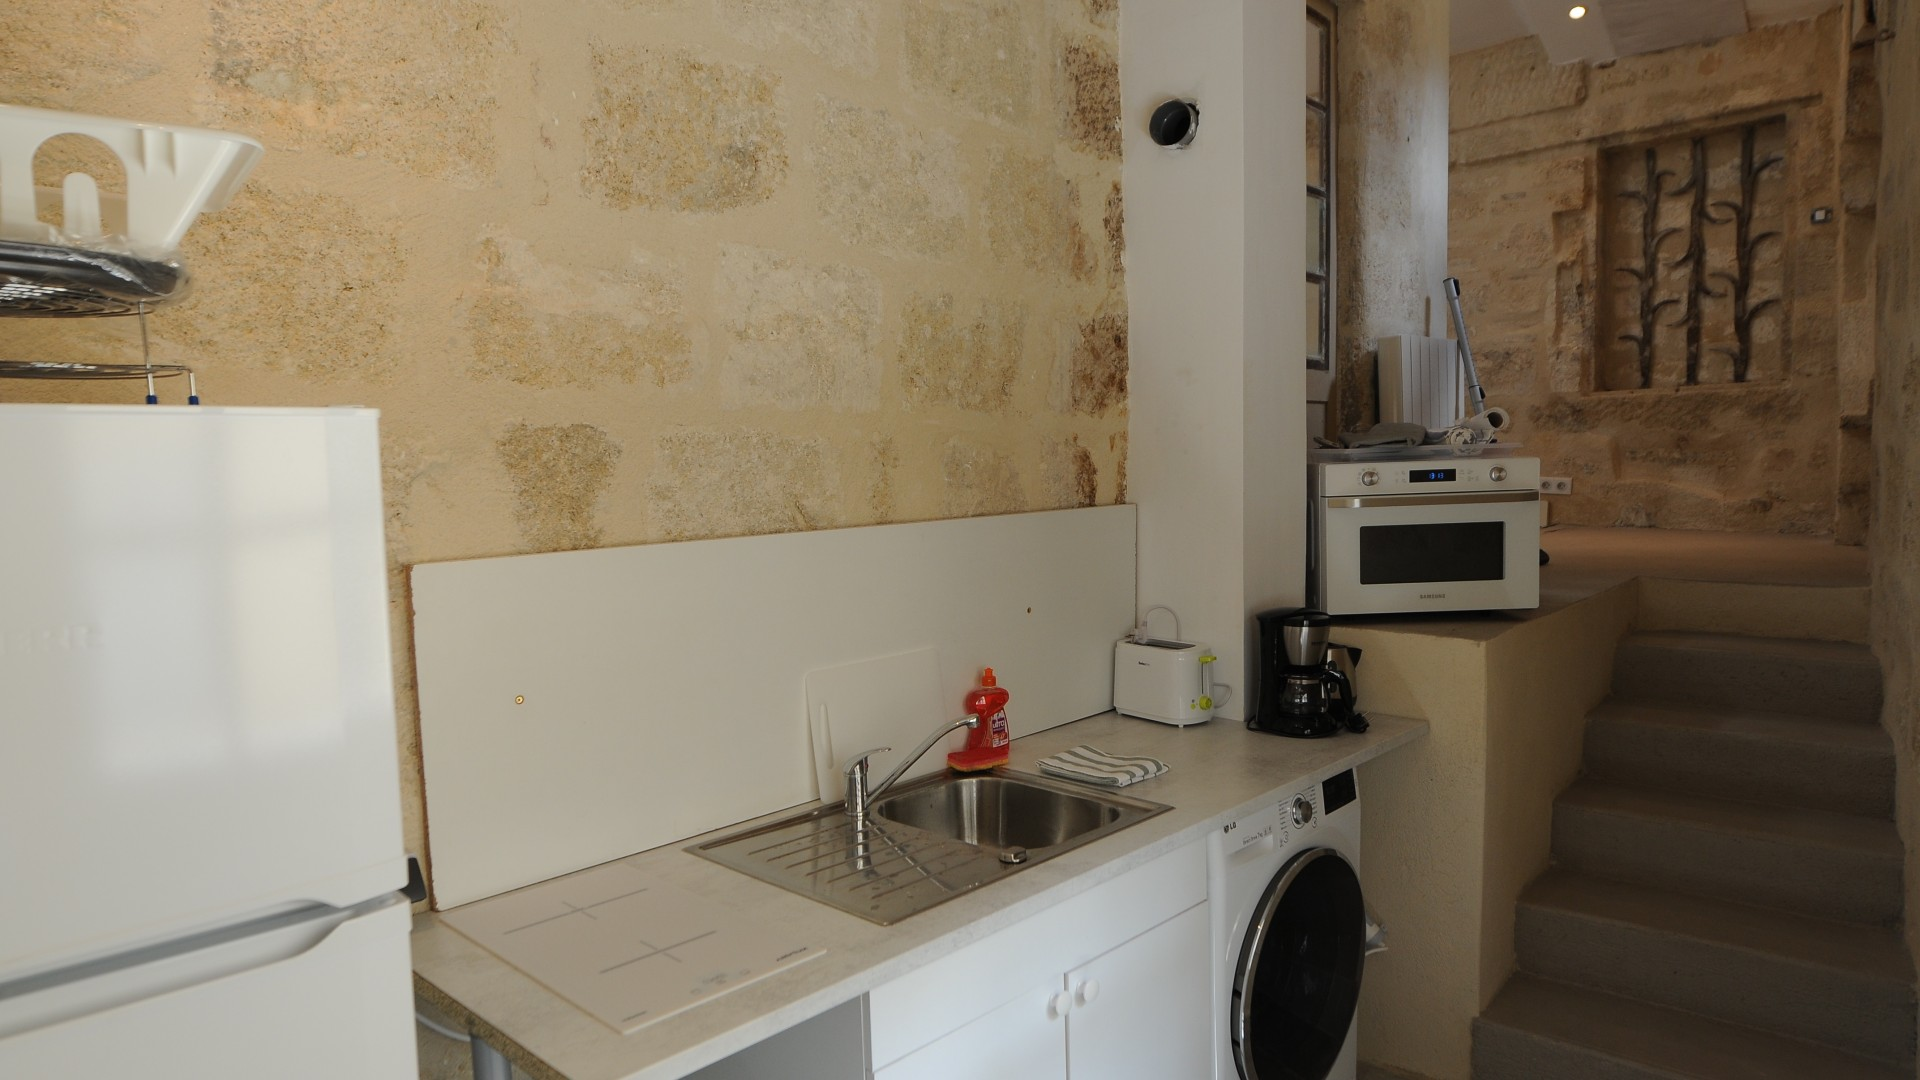 Independent kitchen